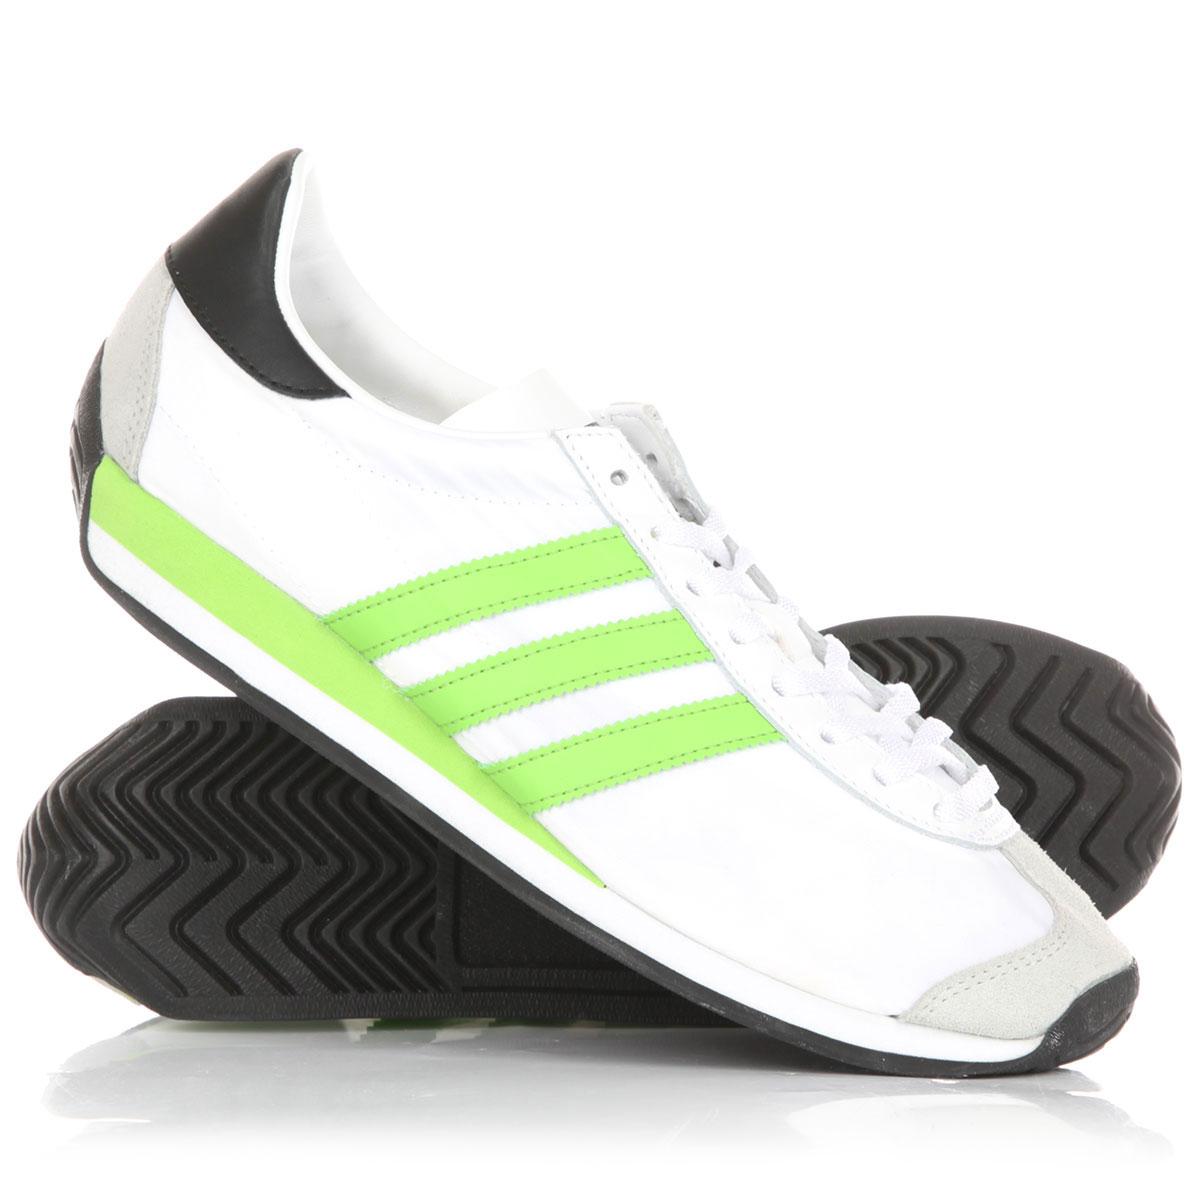 97ea80a9b8c25 Купить кроссовки Adidas Country OG White в интернет-магазине ...